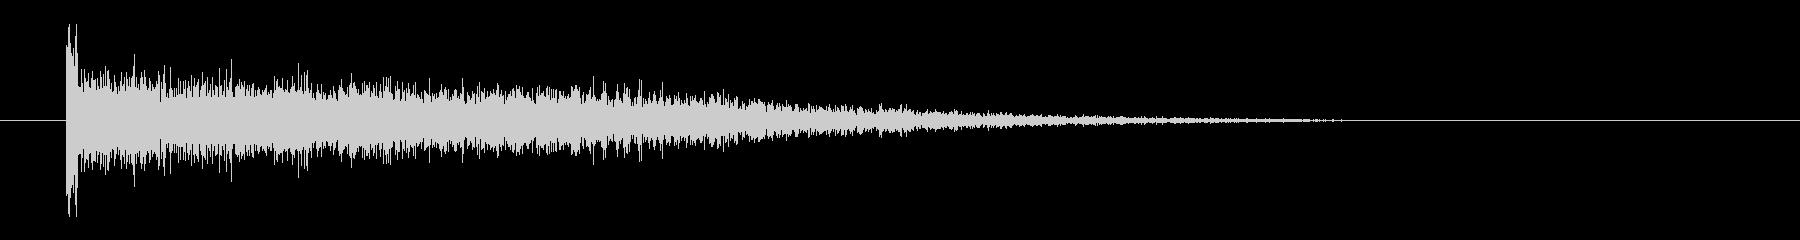 レーザー音-61-3の未再生の波形